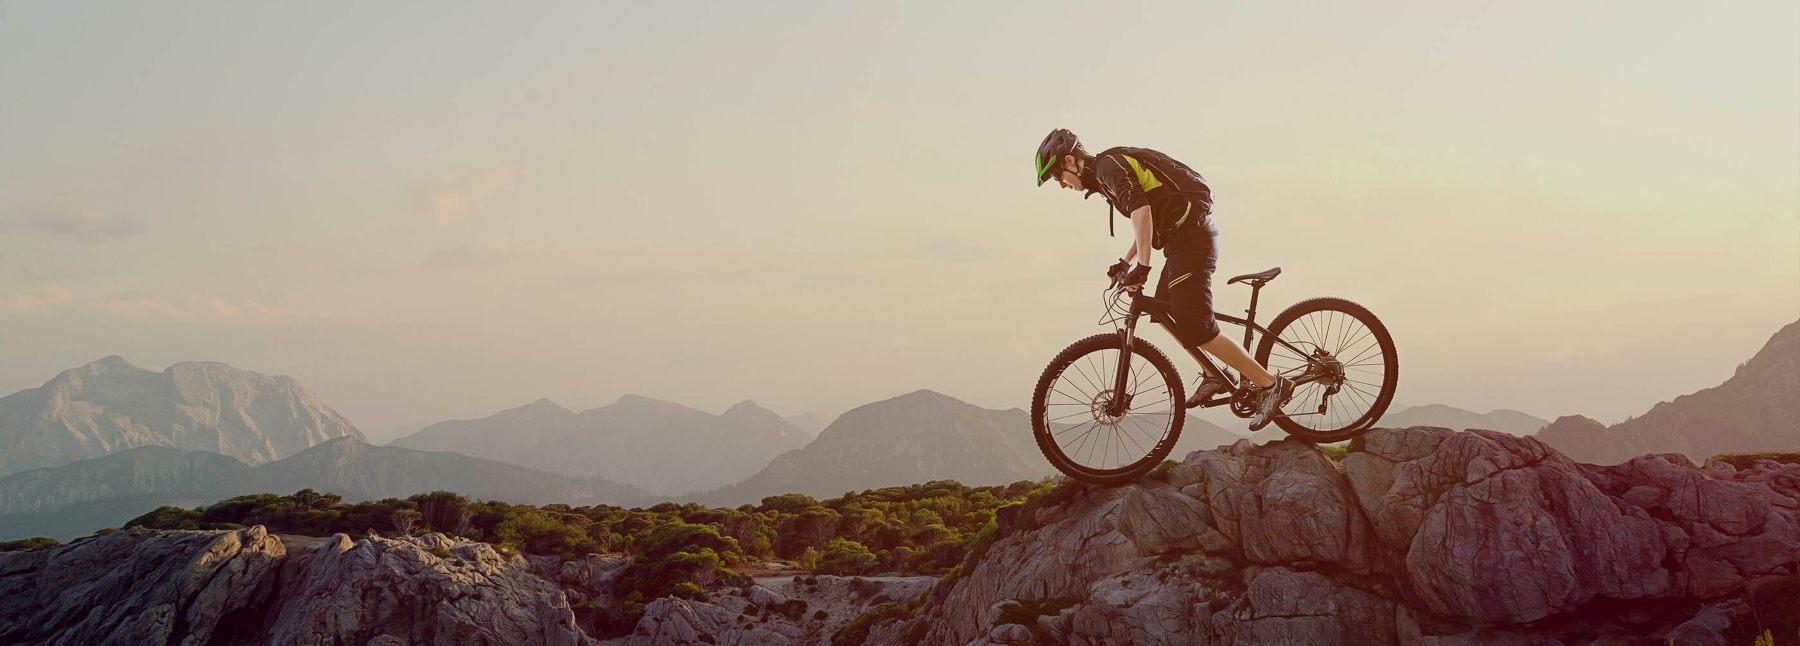 Ciclista en la cresta de una montaña, con protecciones